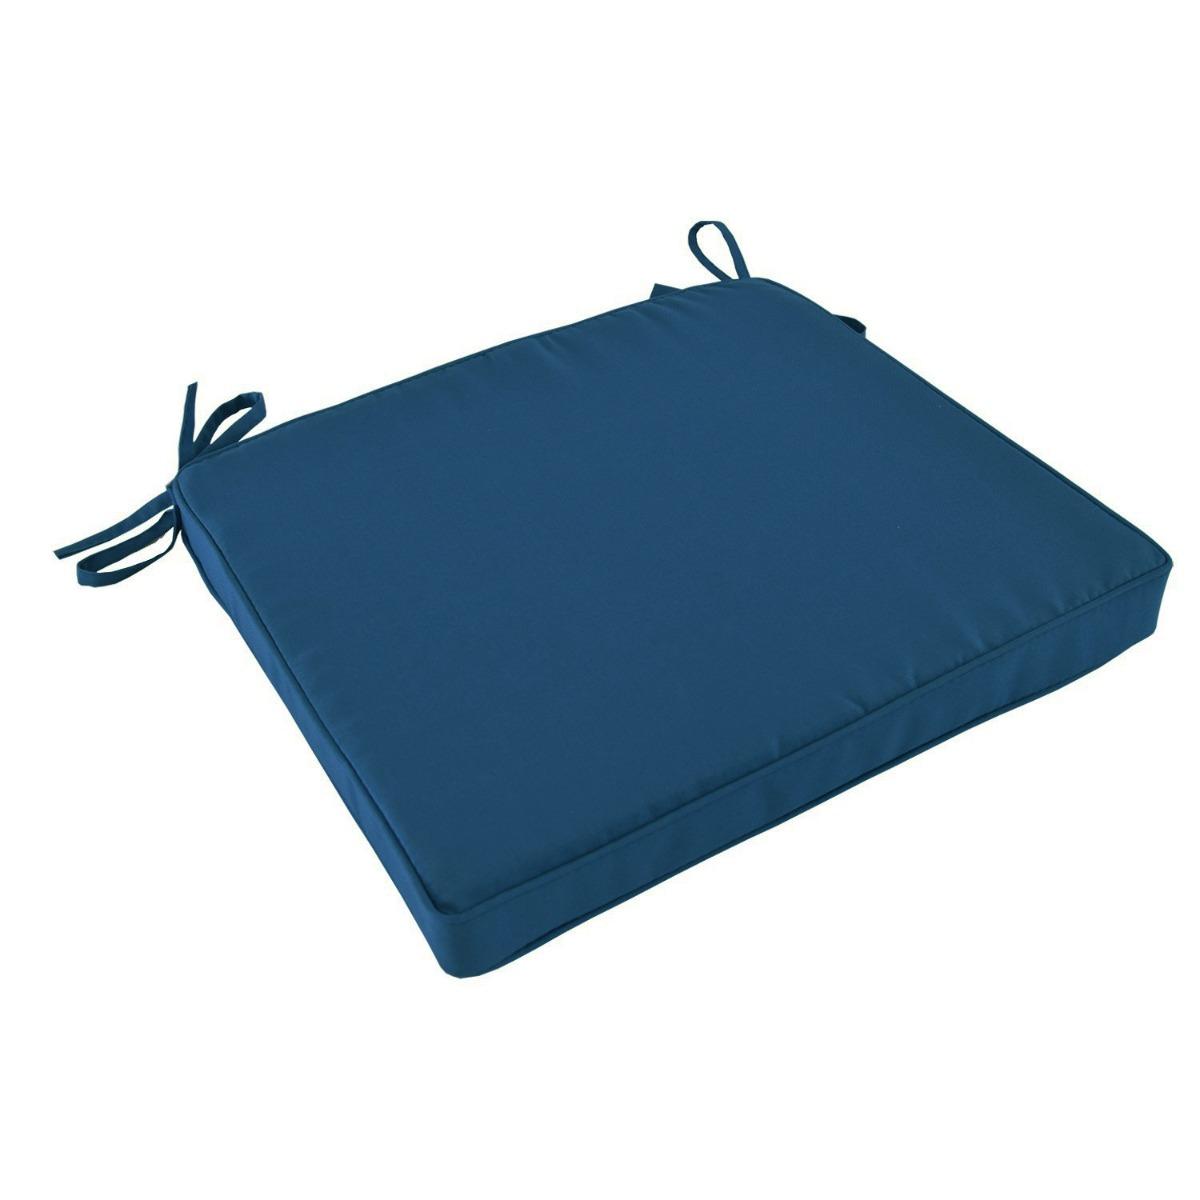 Coussin bleu marine pour chaises et fauteuils pliants